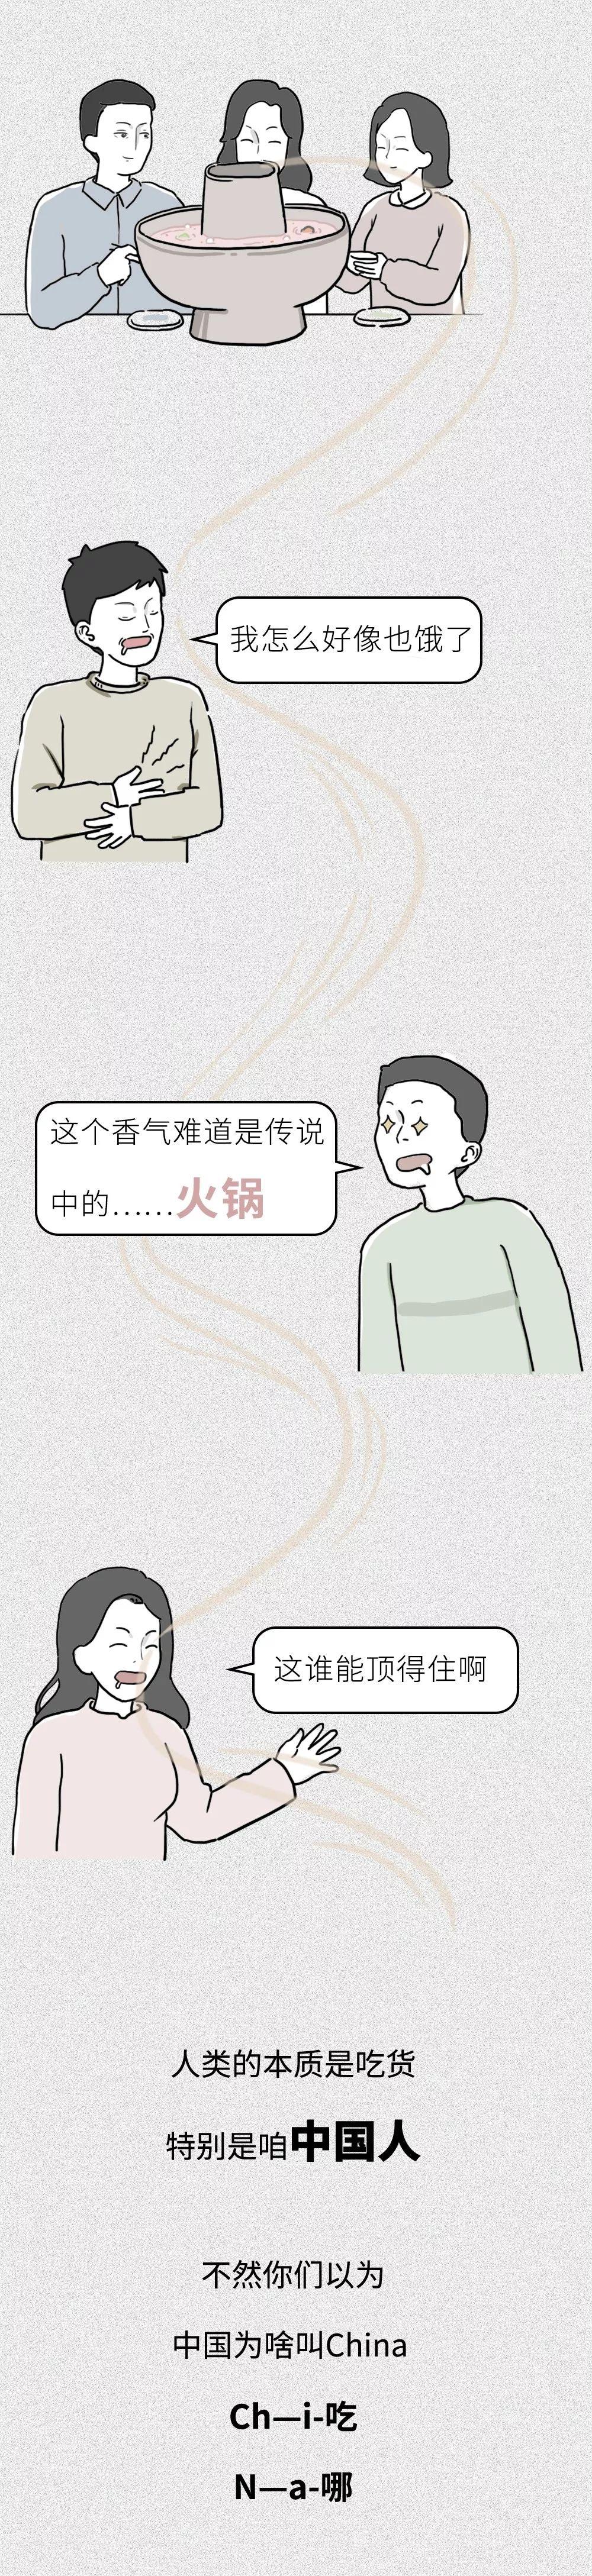 为什么中国人减肥那么难?看完我竟无言以对......